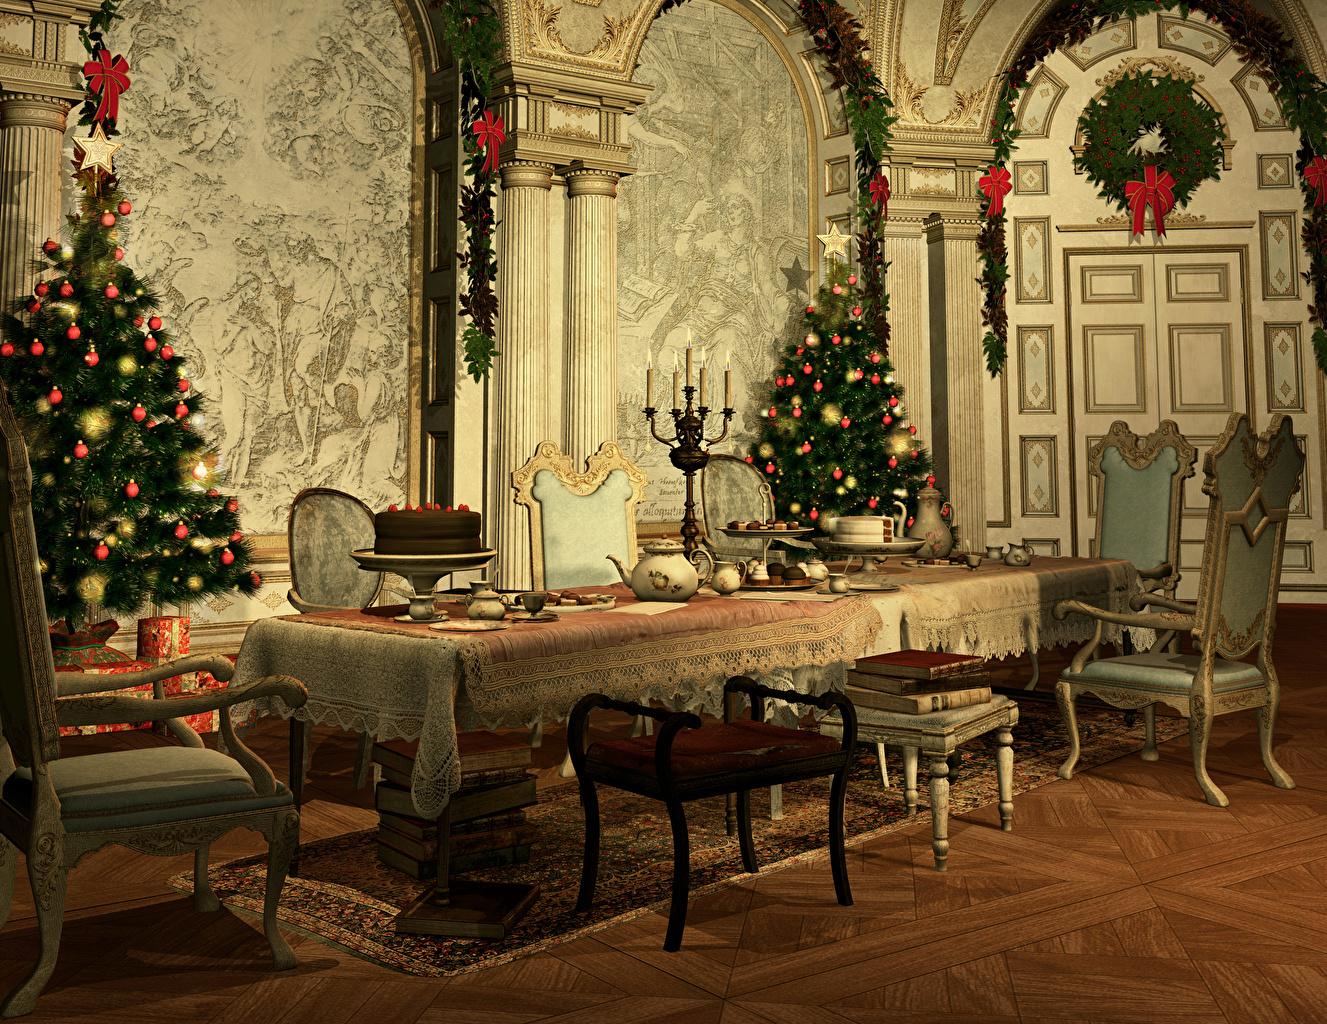 Картинка Рождество 3D Графика Новогодняя ёлка Интерьер Стол Стулья Дизайн Новый год Елка